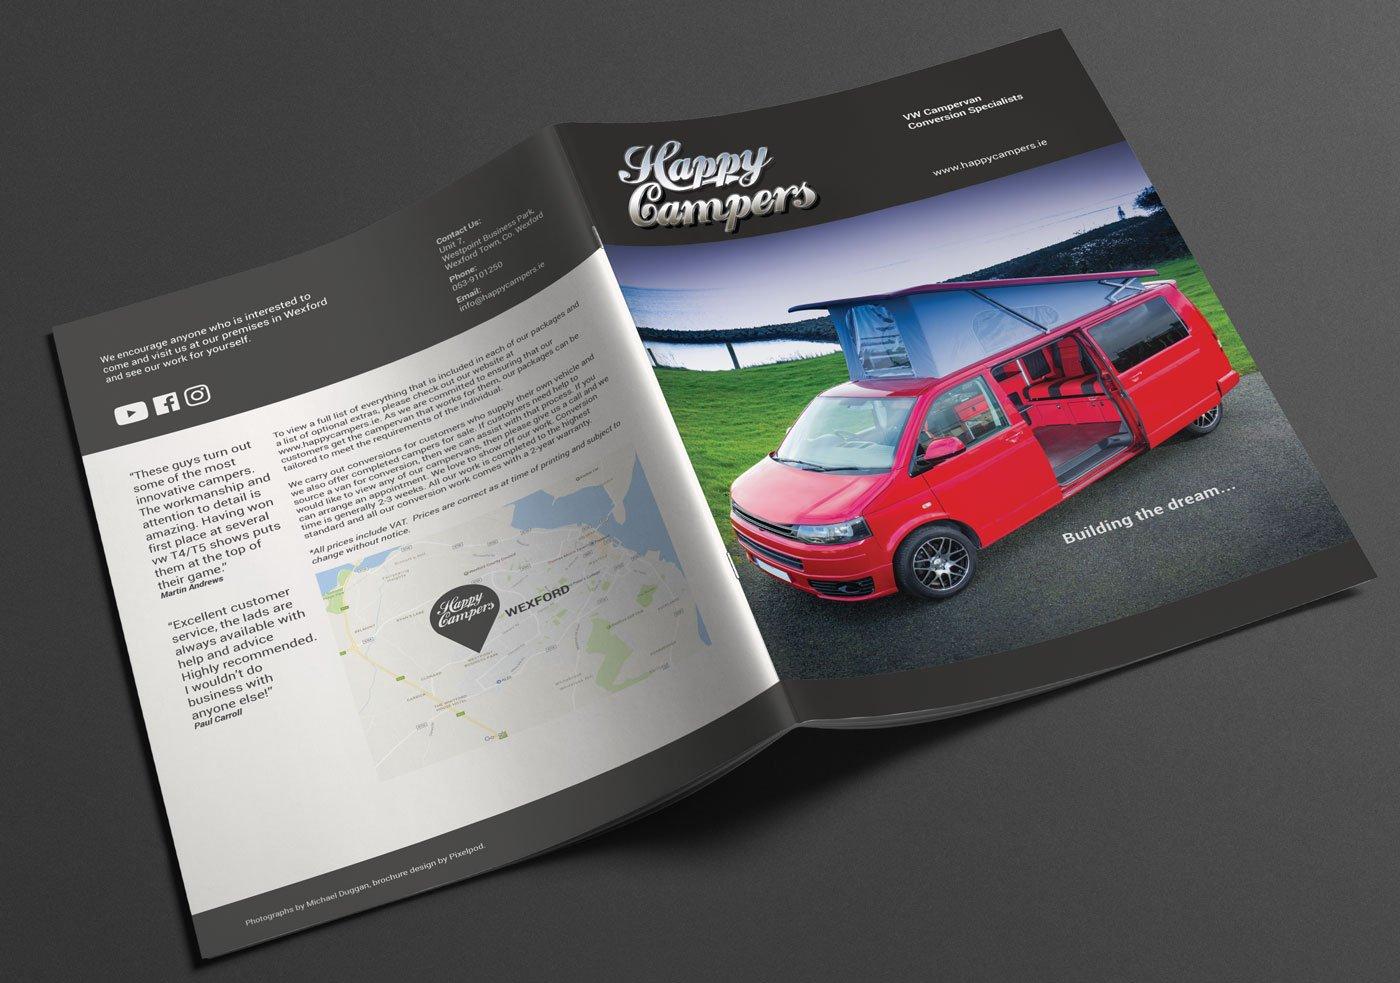 Happy Campers brochure pixelpod graphic design wexford